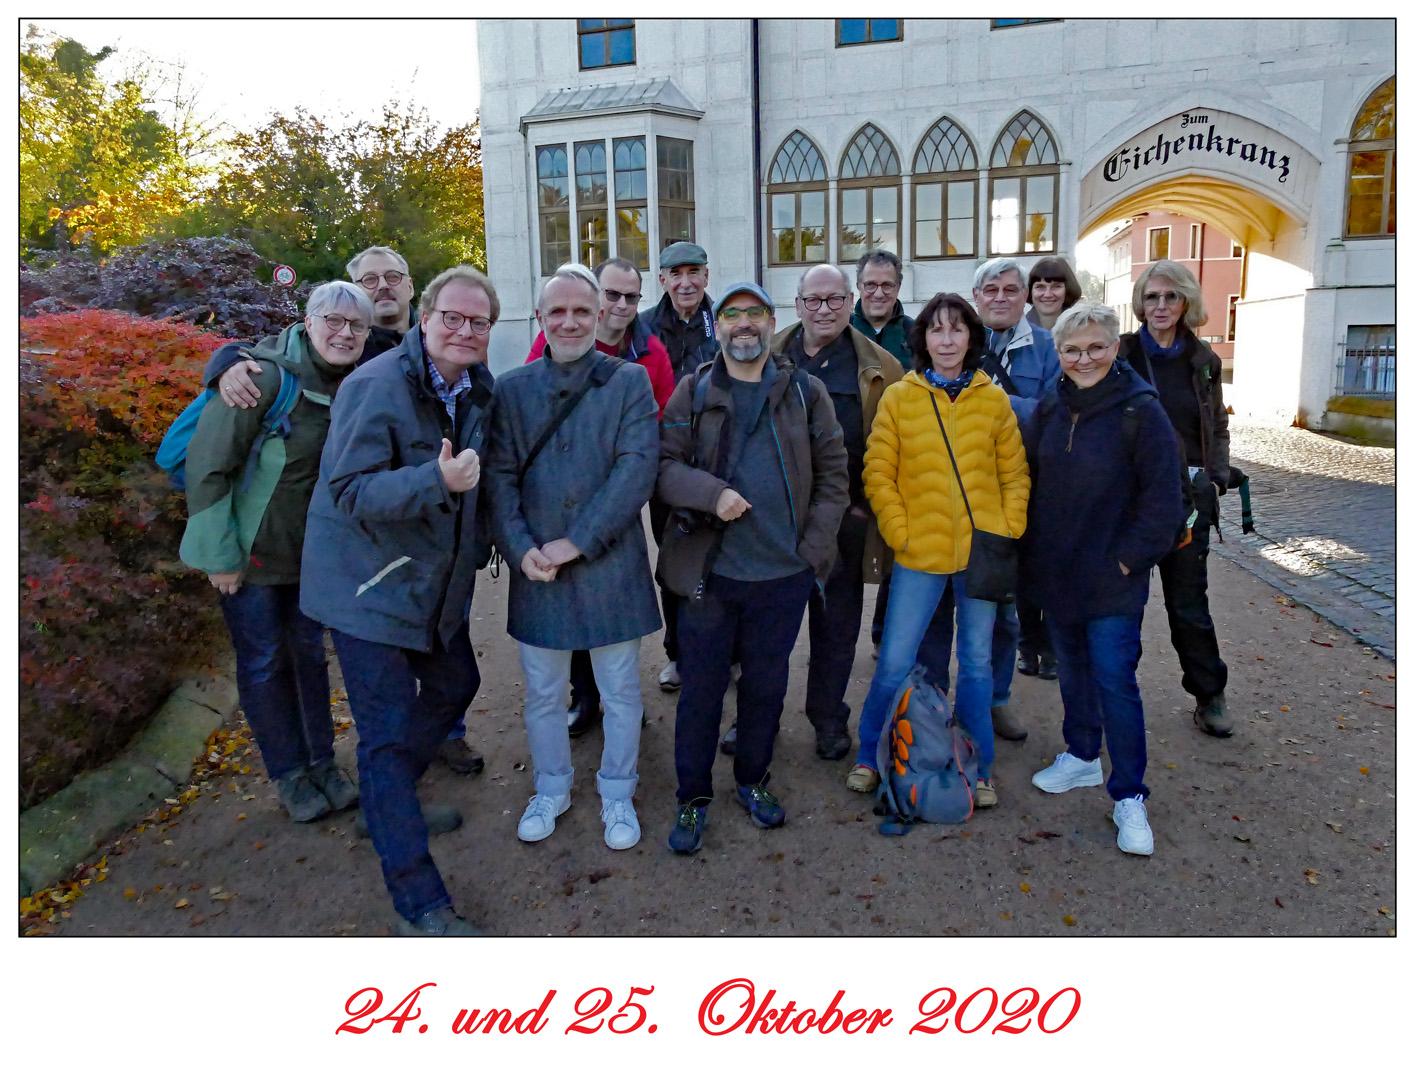 Unser Fotoausflug nach Wörlitz Ende Oktober 2020